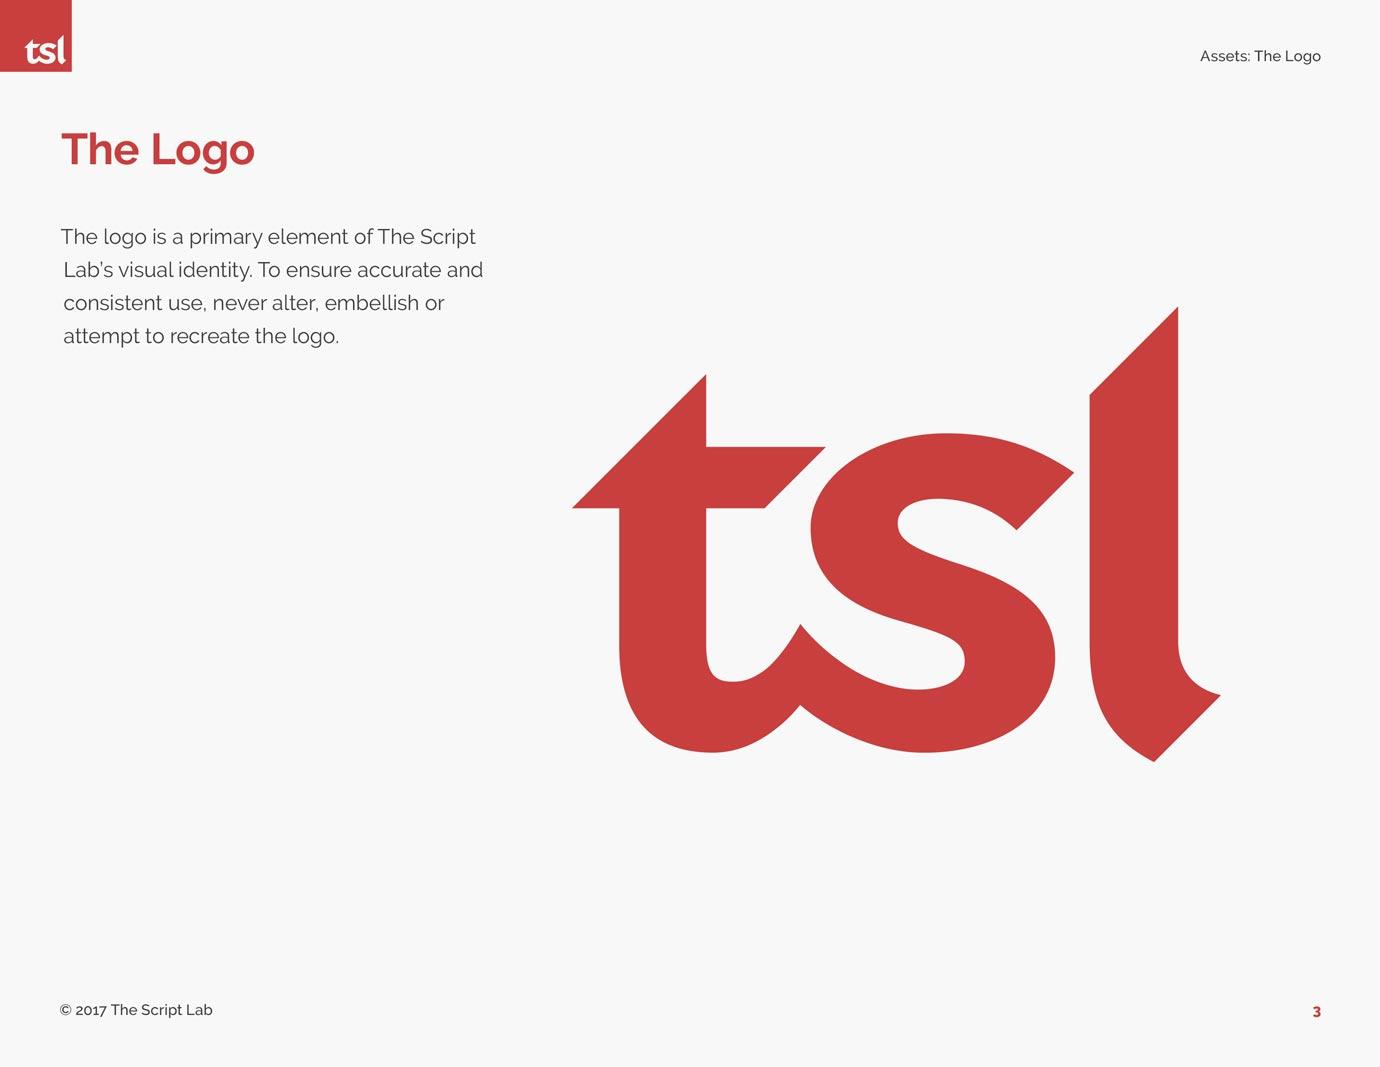 The Script Lab branding design